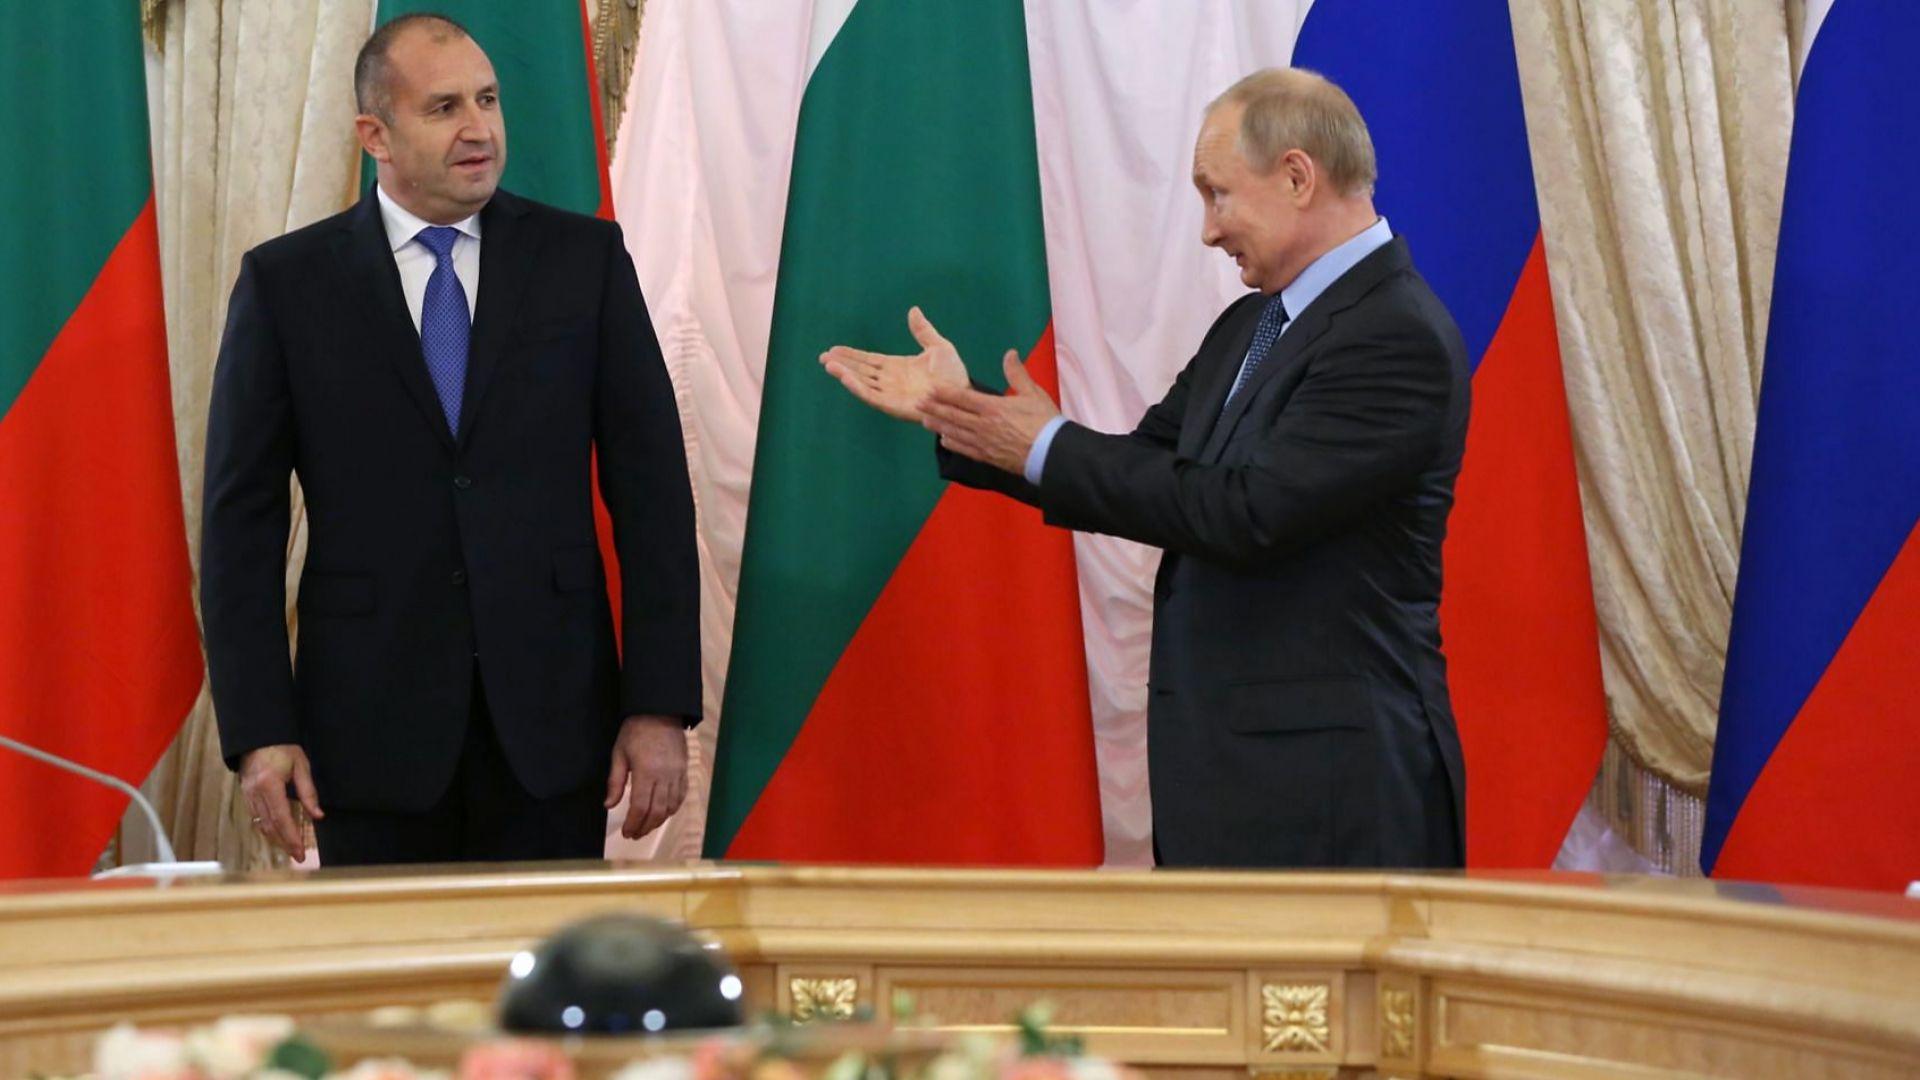 """Радев се срещна с Путин: Русия има място в АЕЦ """"Белене"""", кабинетът да договори по-ниска цена на газа"""